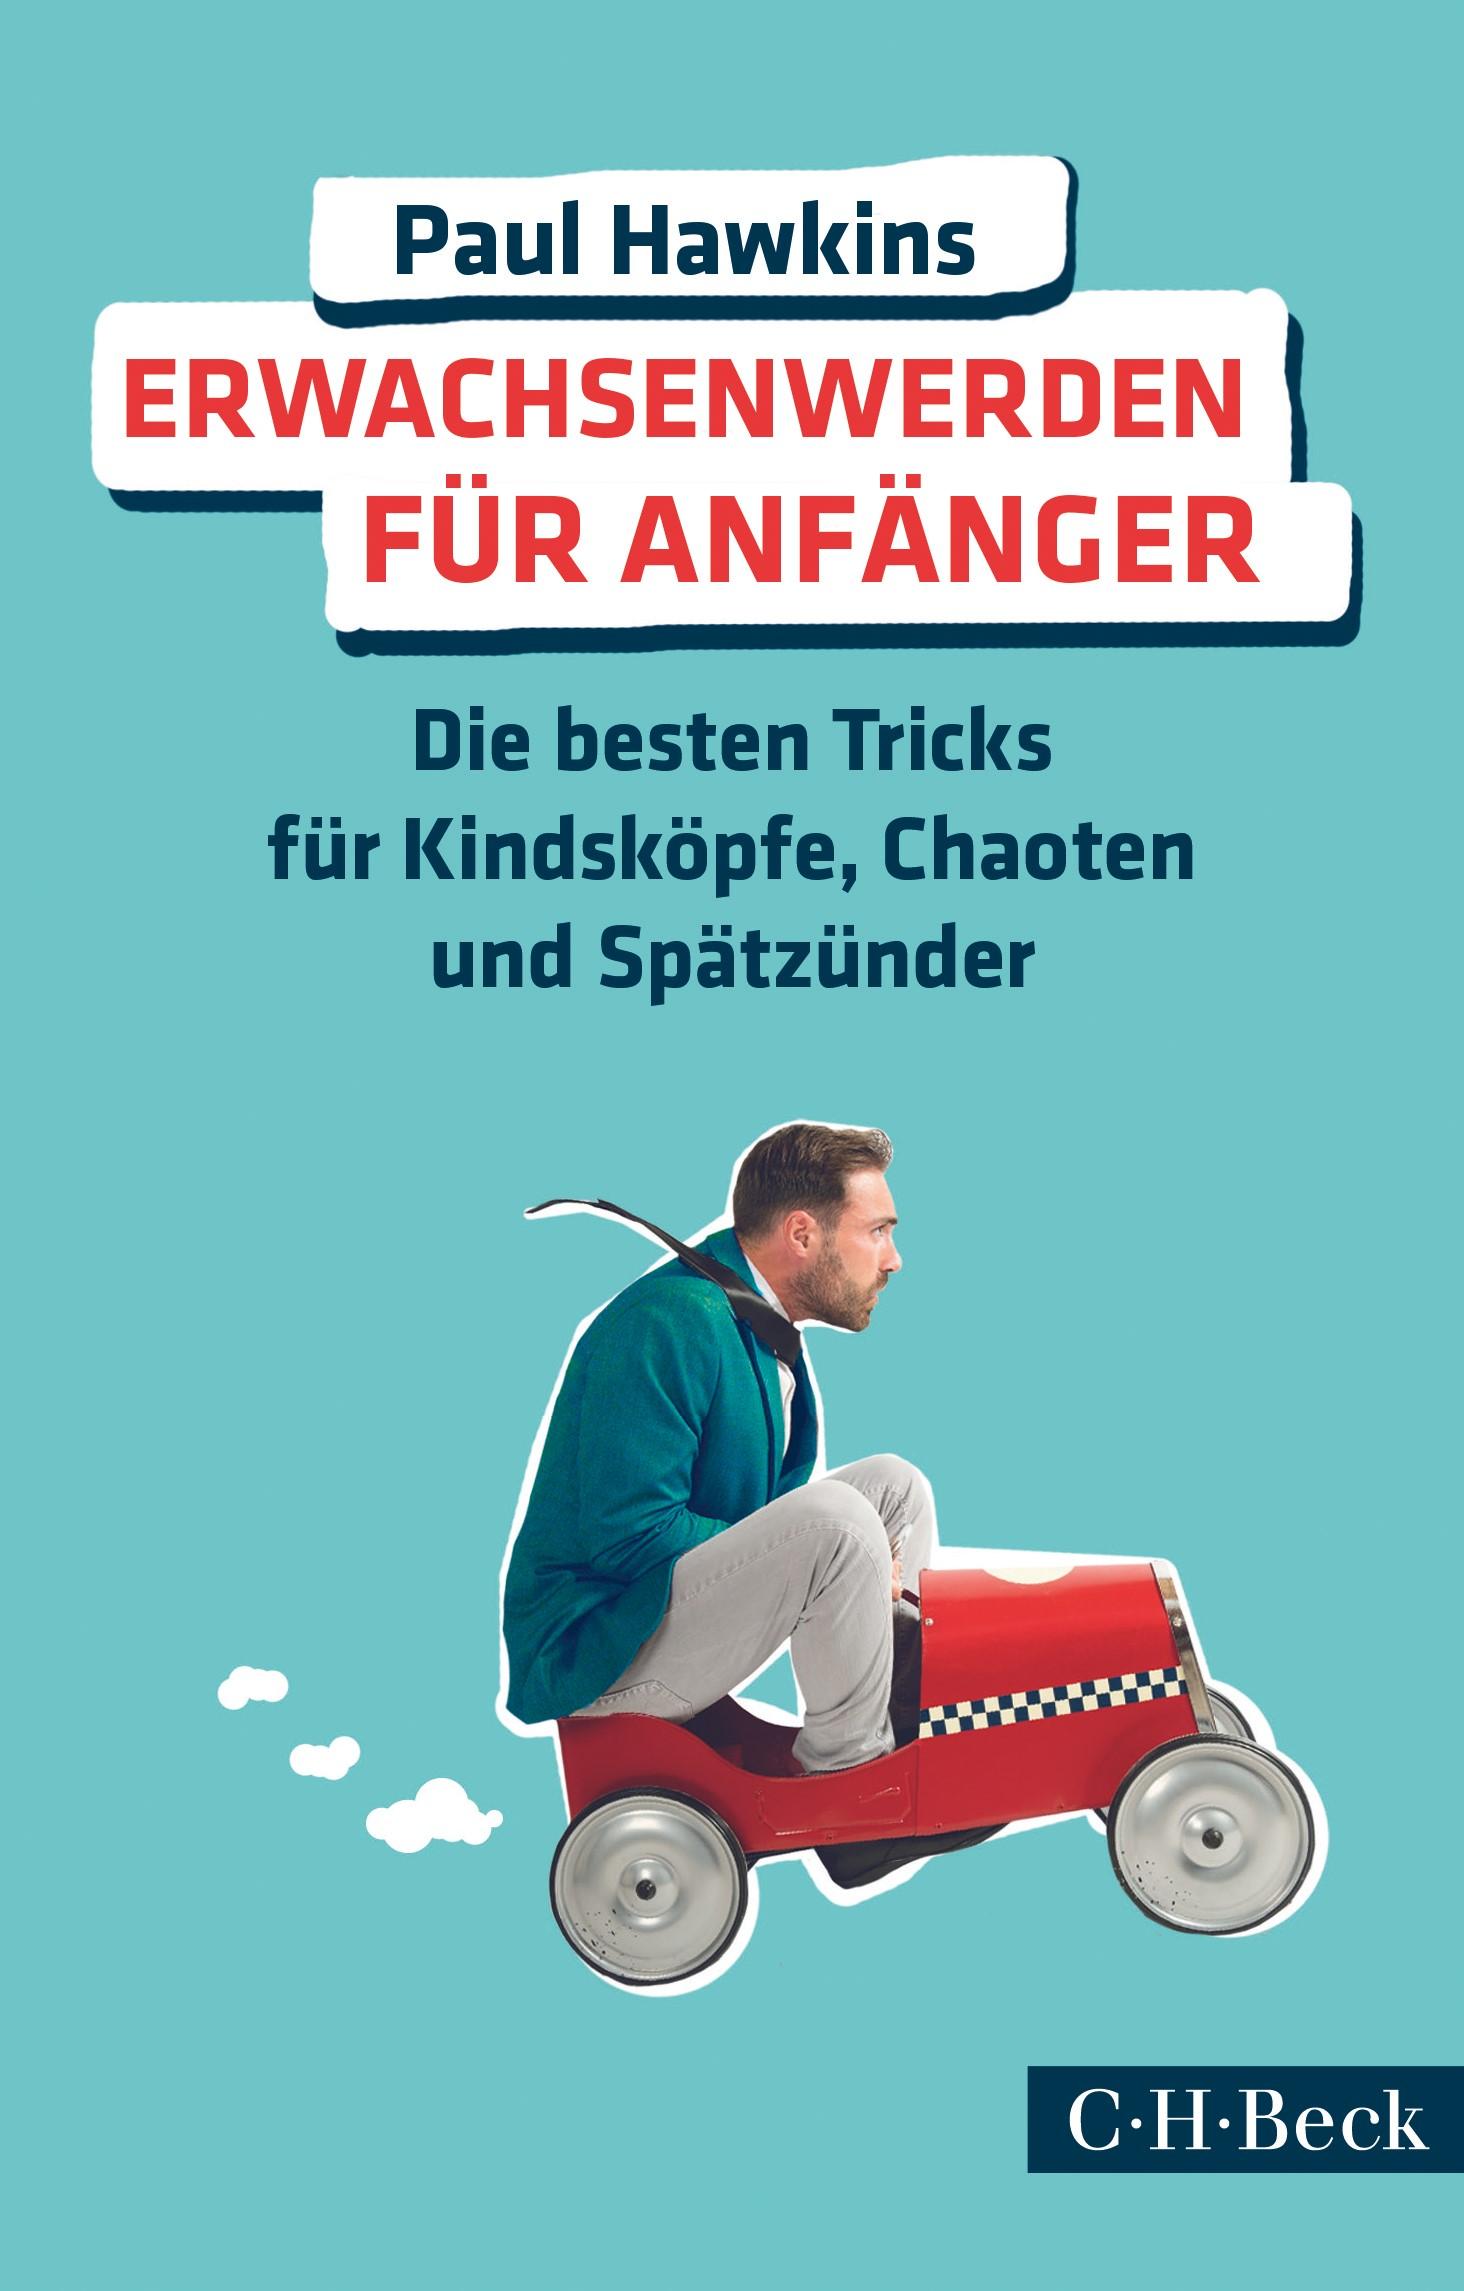 Cover des Buches 'Erwachsenwerden für Anfänger'